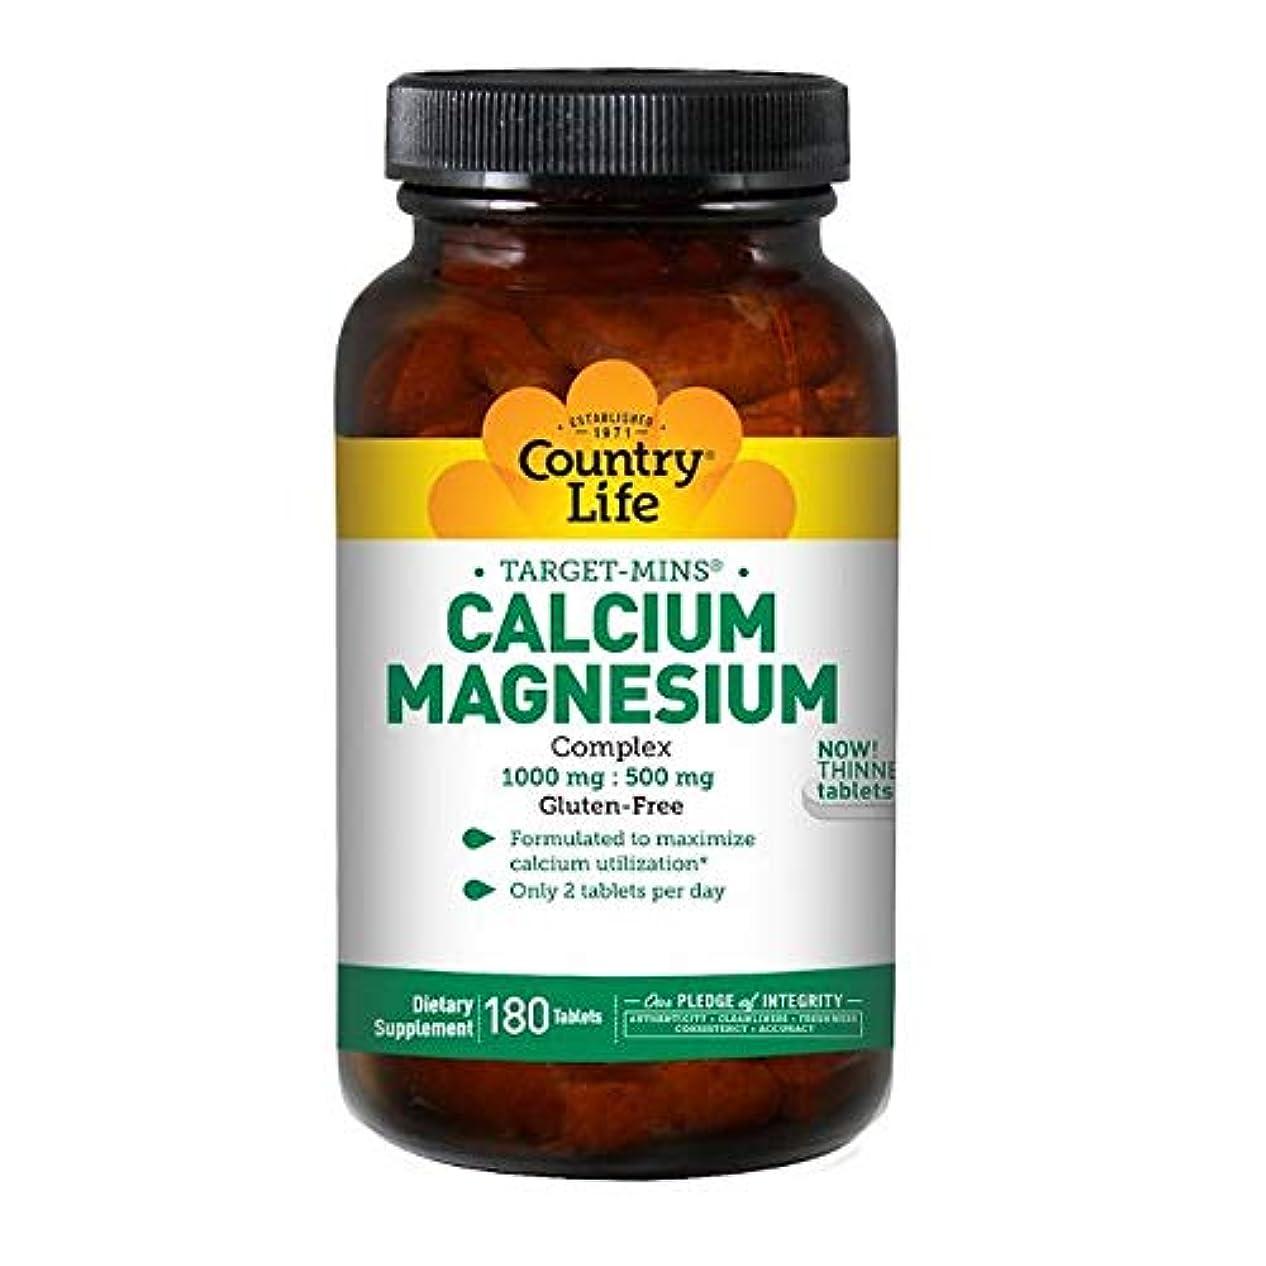 アシストでも単にCountry Life ターゲット ミネラル カルシウム マグネシウム 複合体 180錠 【アメリカ直送】